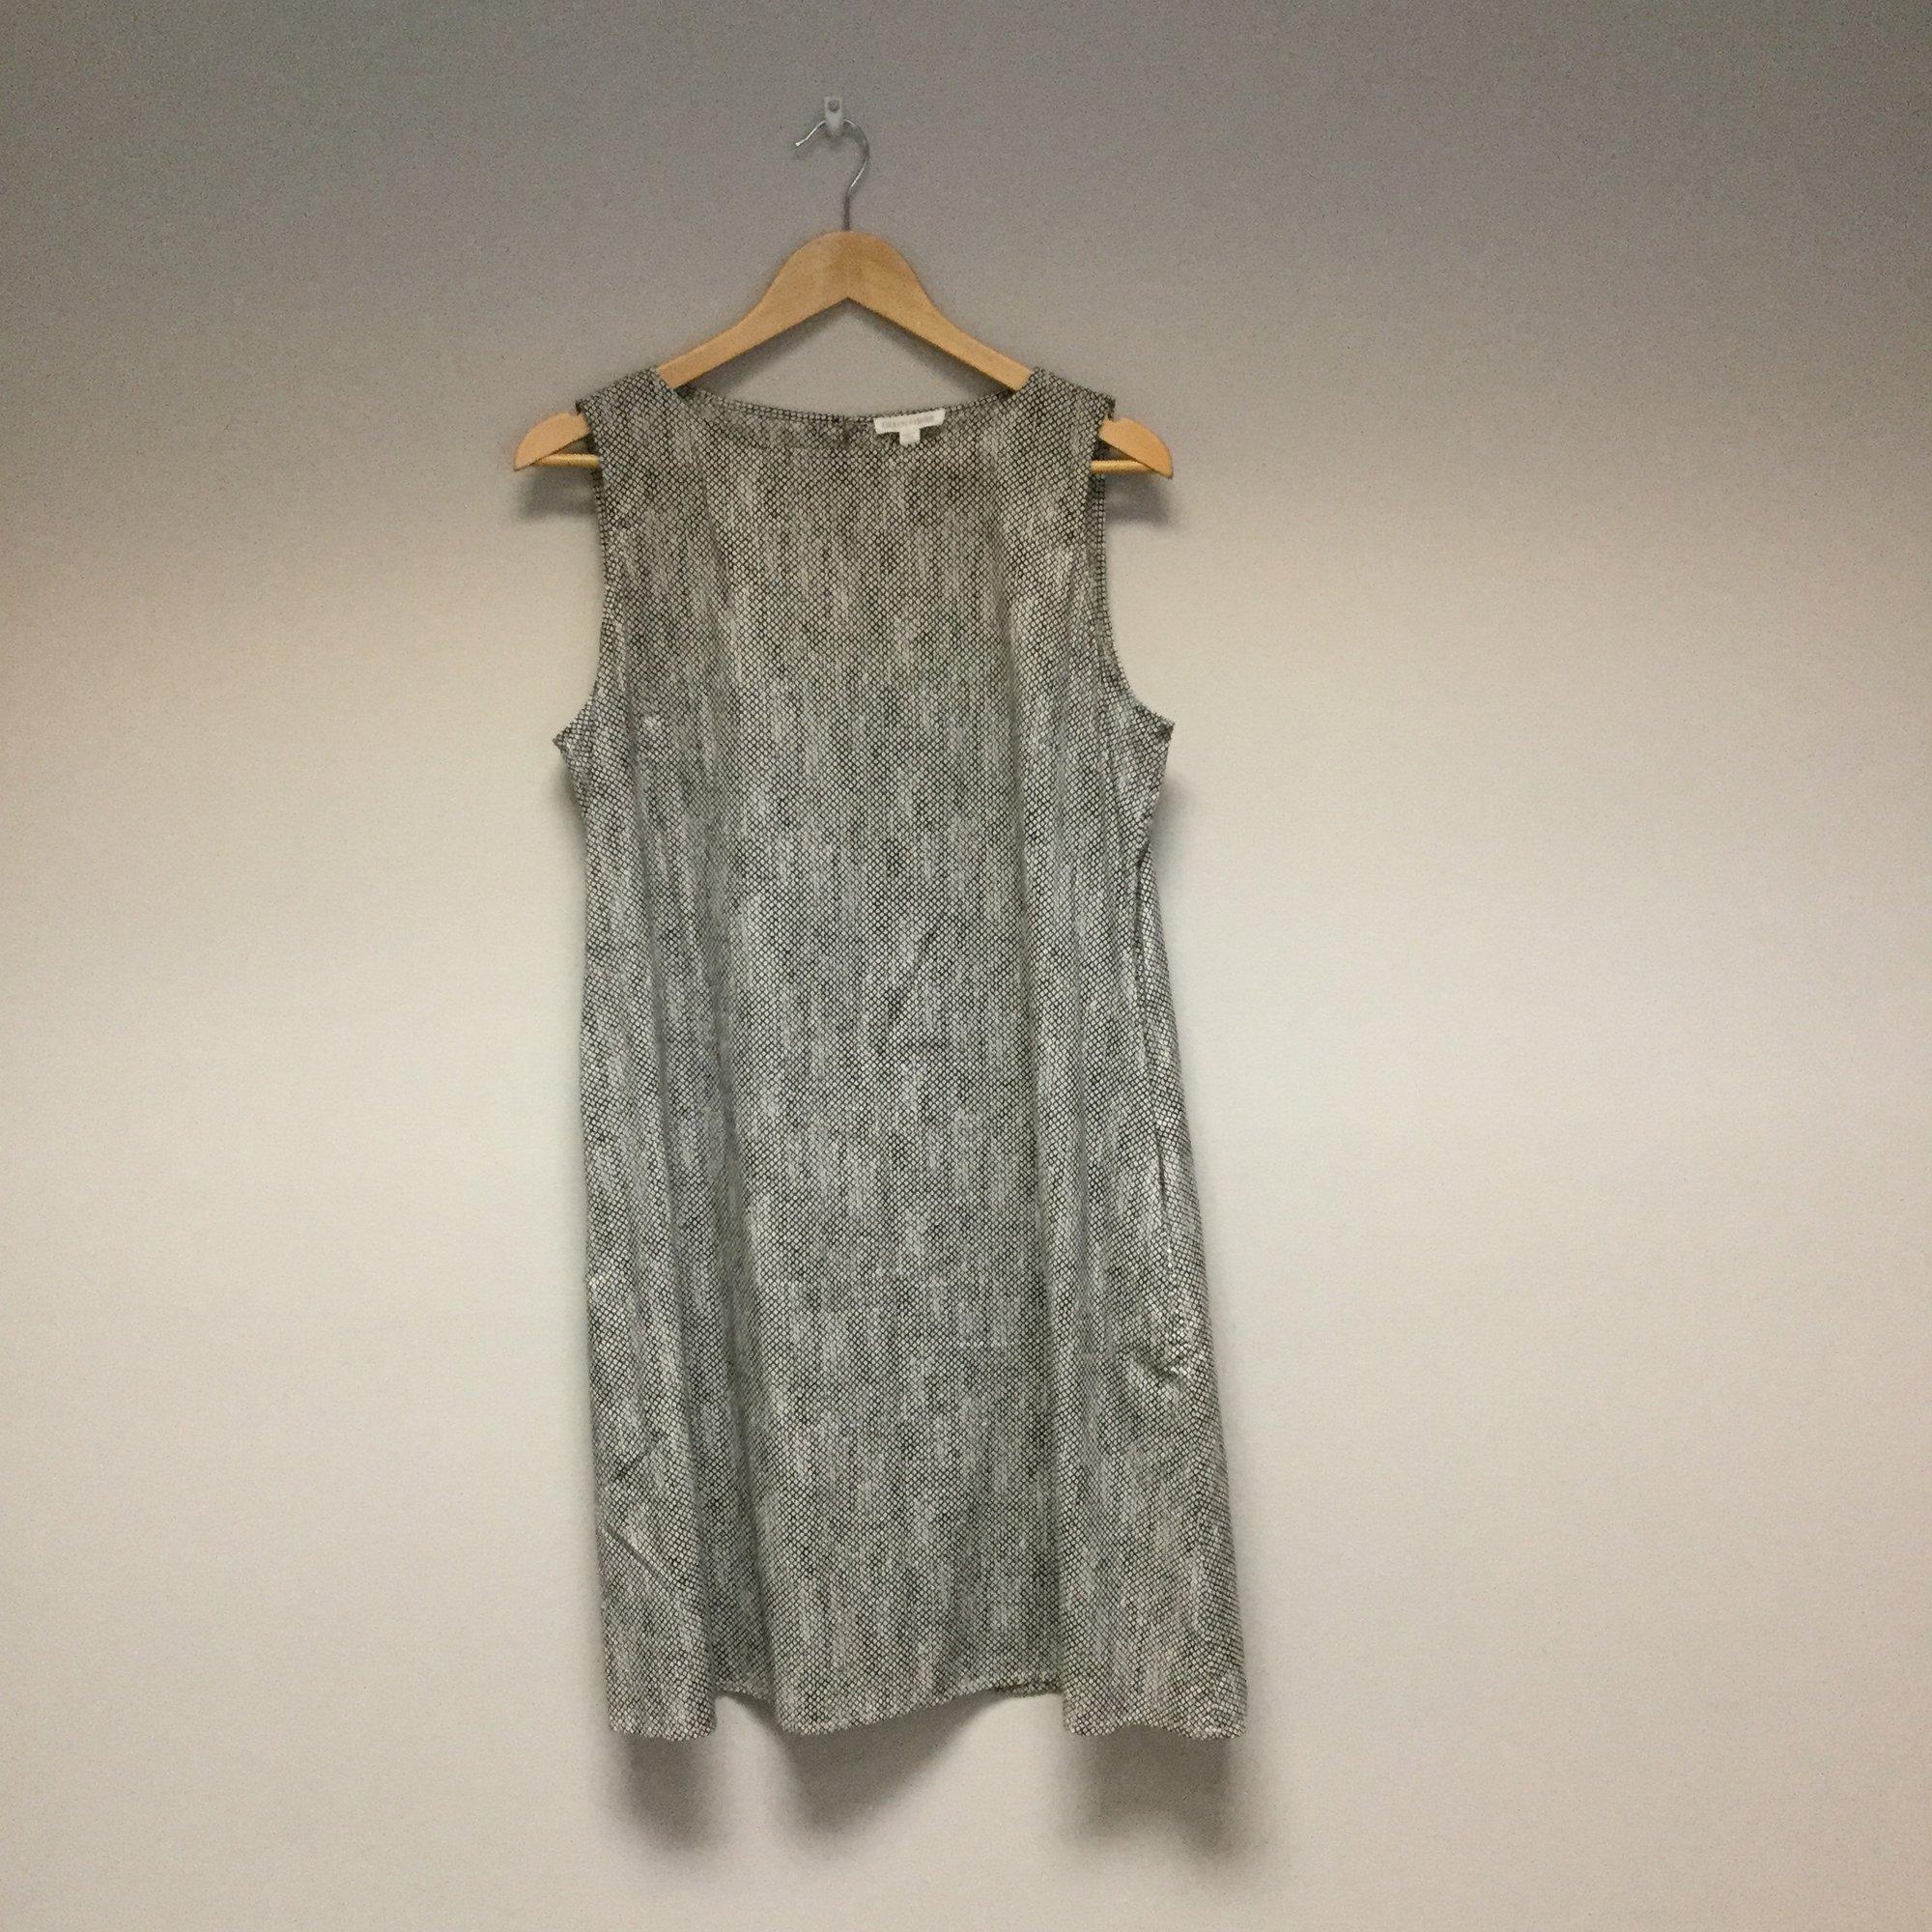 Eileen Fisher Fine Patterned Lines<br /> Size L<br /> Black/Creme<br /> $37.00